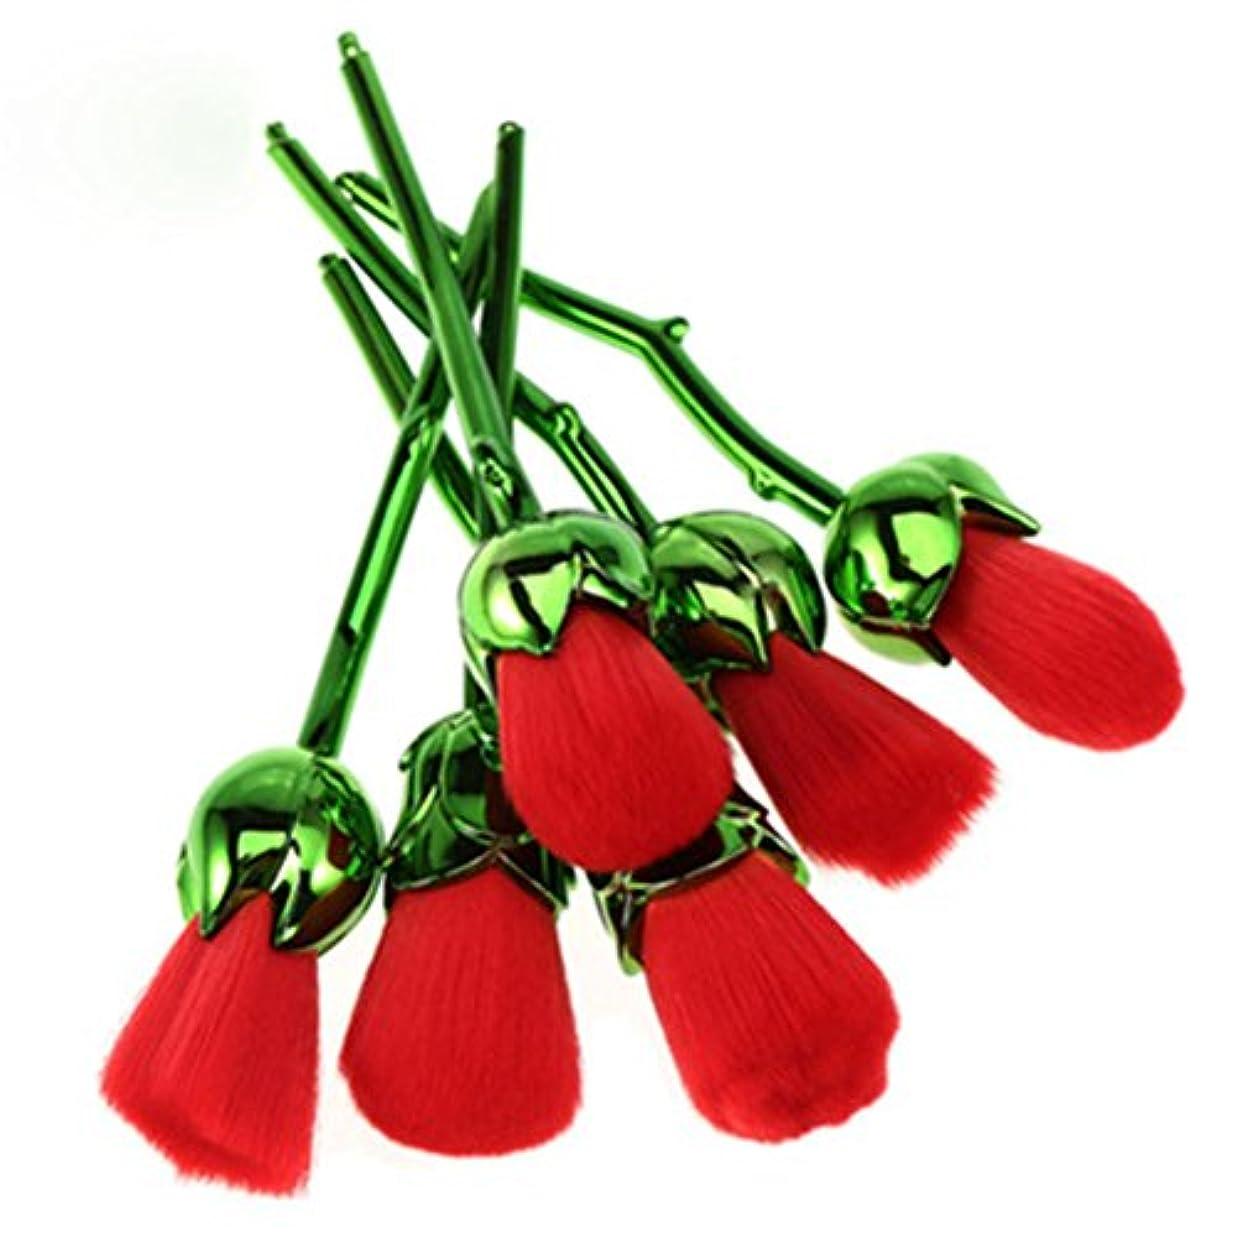 雷雨位置する重要性ディラビューティー(Dilla Beauty) メイクブラシ 薔薇 メイクブラシセット 人気 ファンデーションブラシ 化粧筆 可愛い 化粧ブラシ セット パウダーブラシ フェイスブラシ ローズ メイクブラシ 6本セット ケース付き (グリーン - レッド)